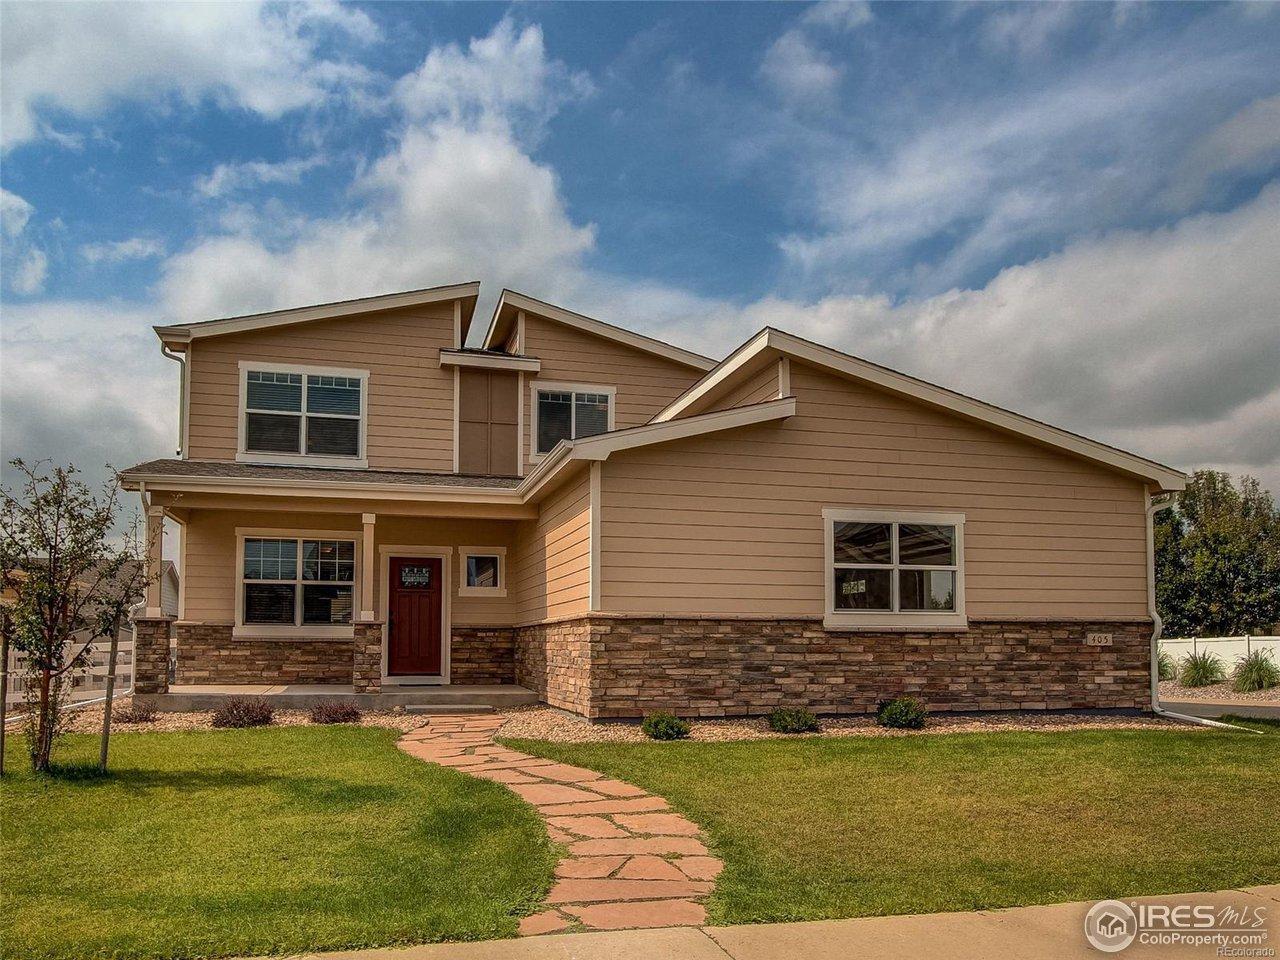 405 Pinyon St, Frederick, CO 80530   MLS# 861386   Redfin